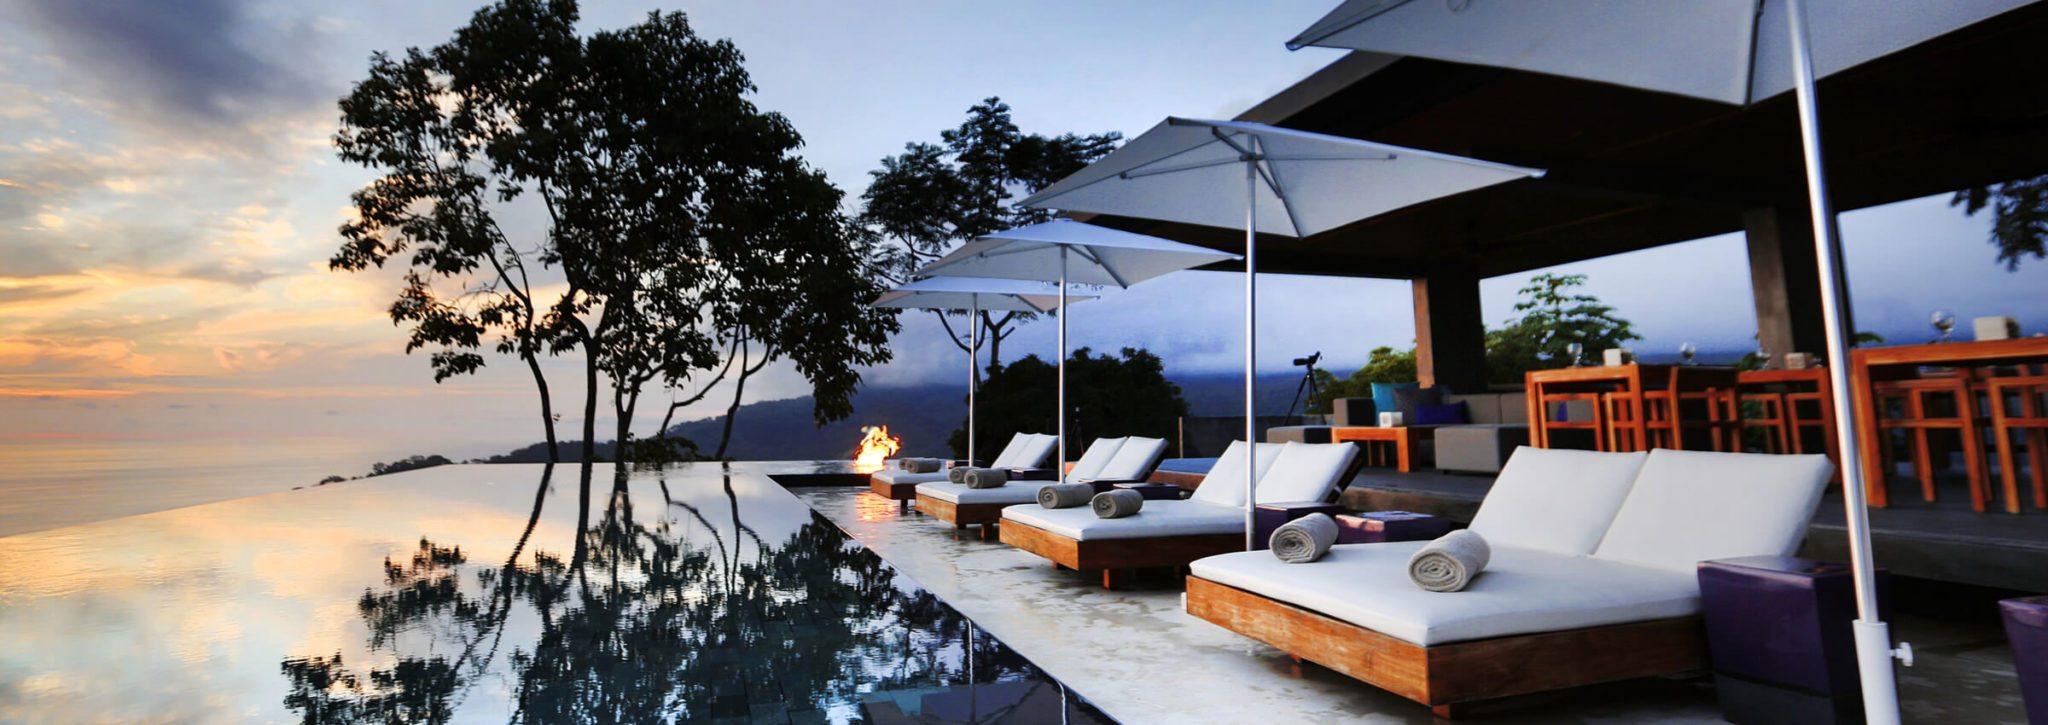 Kura design villas costa rica for Pool design costa rica